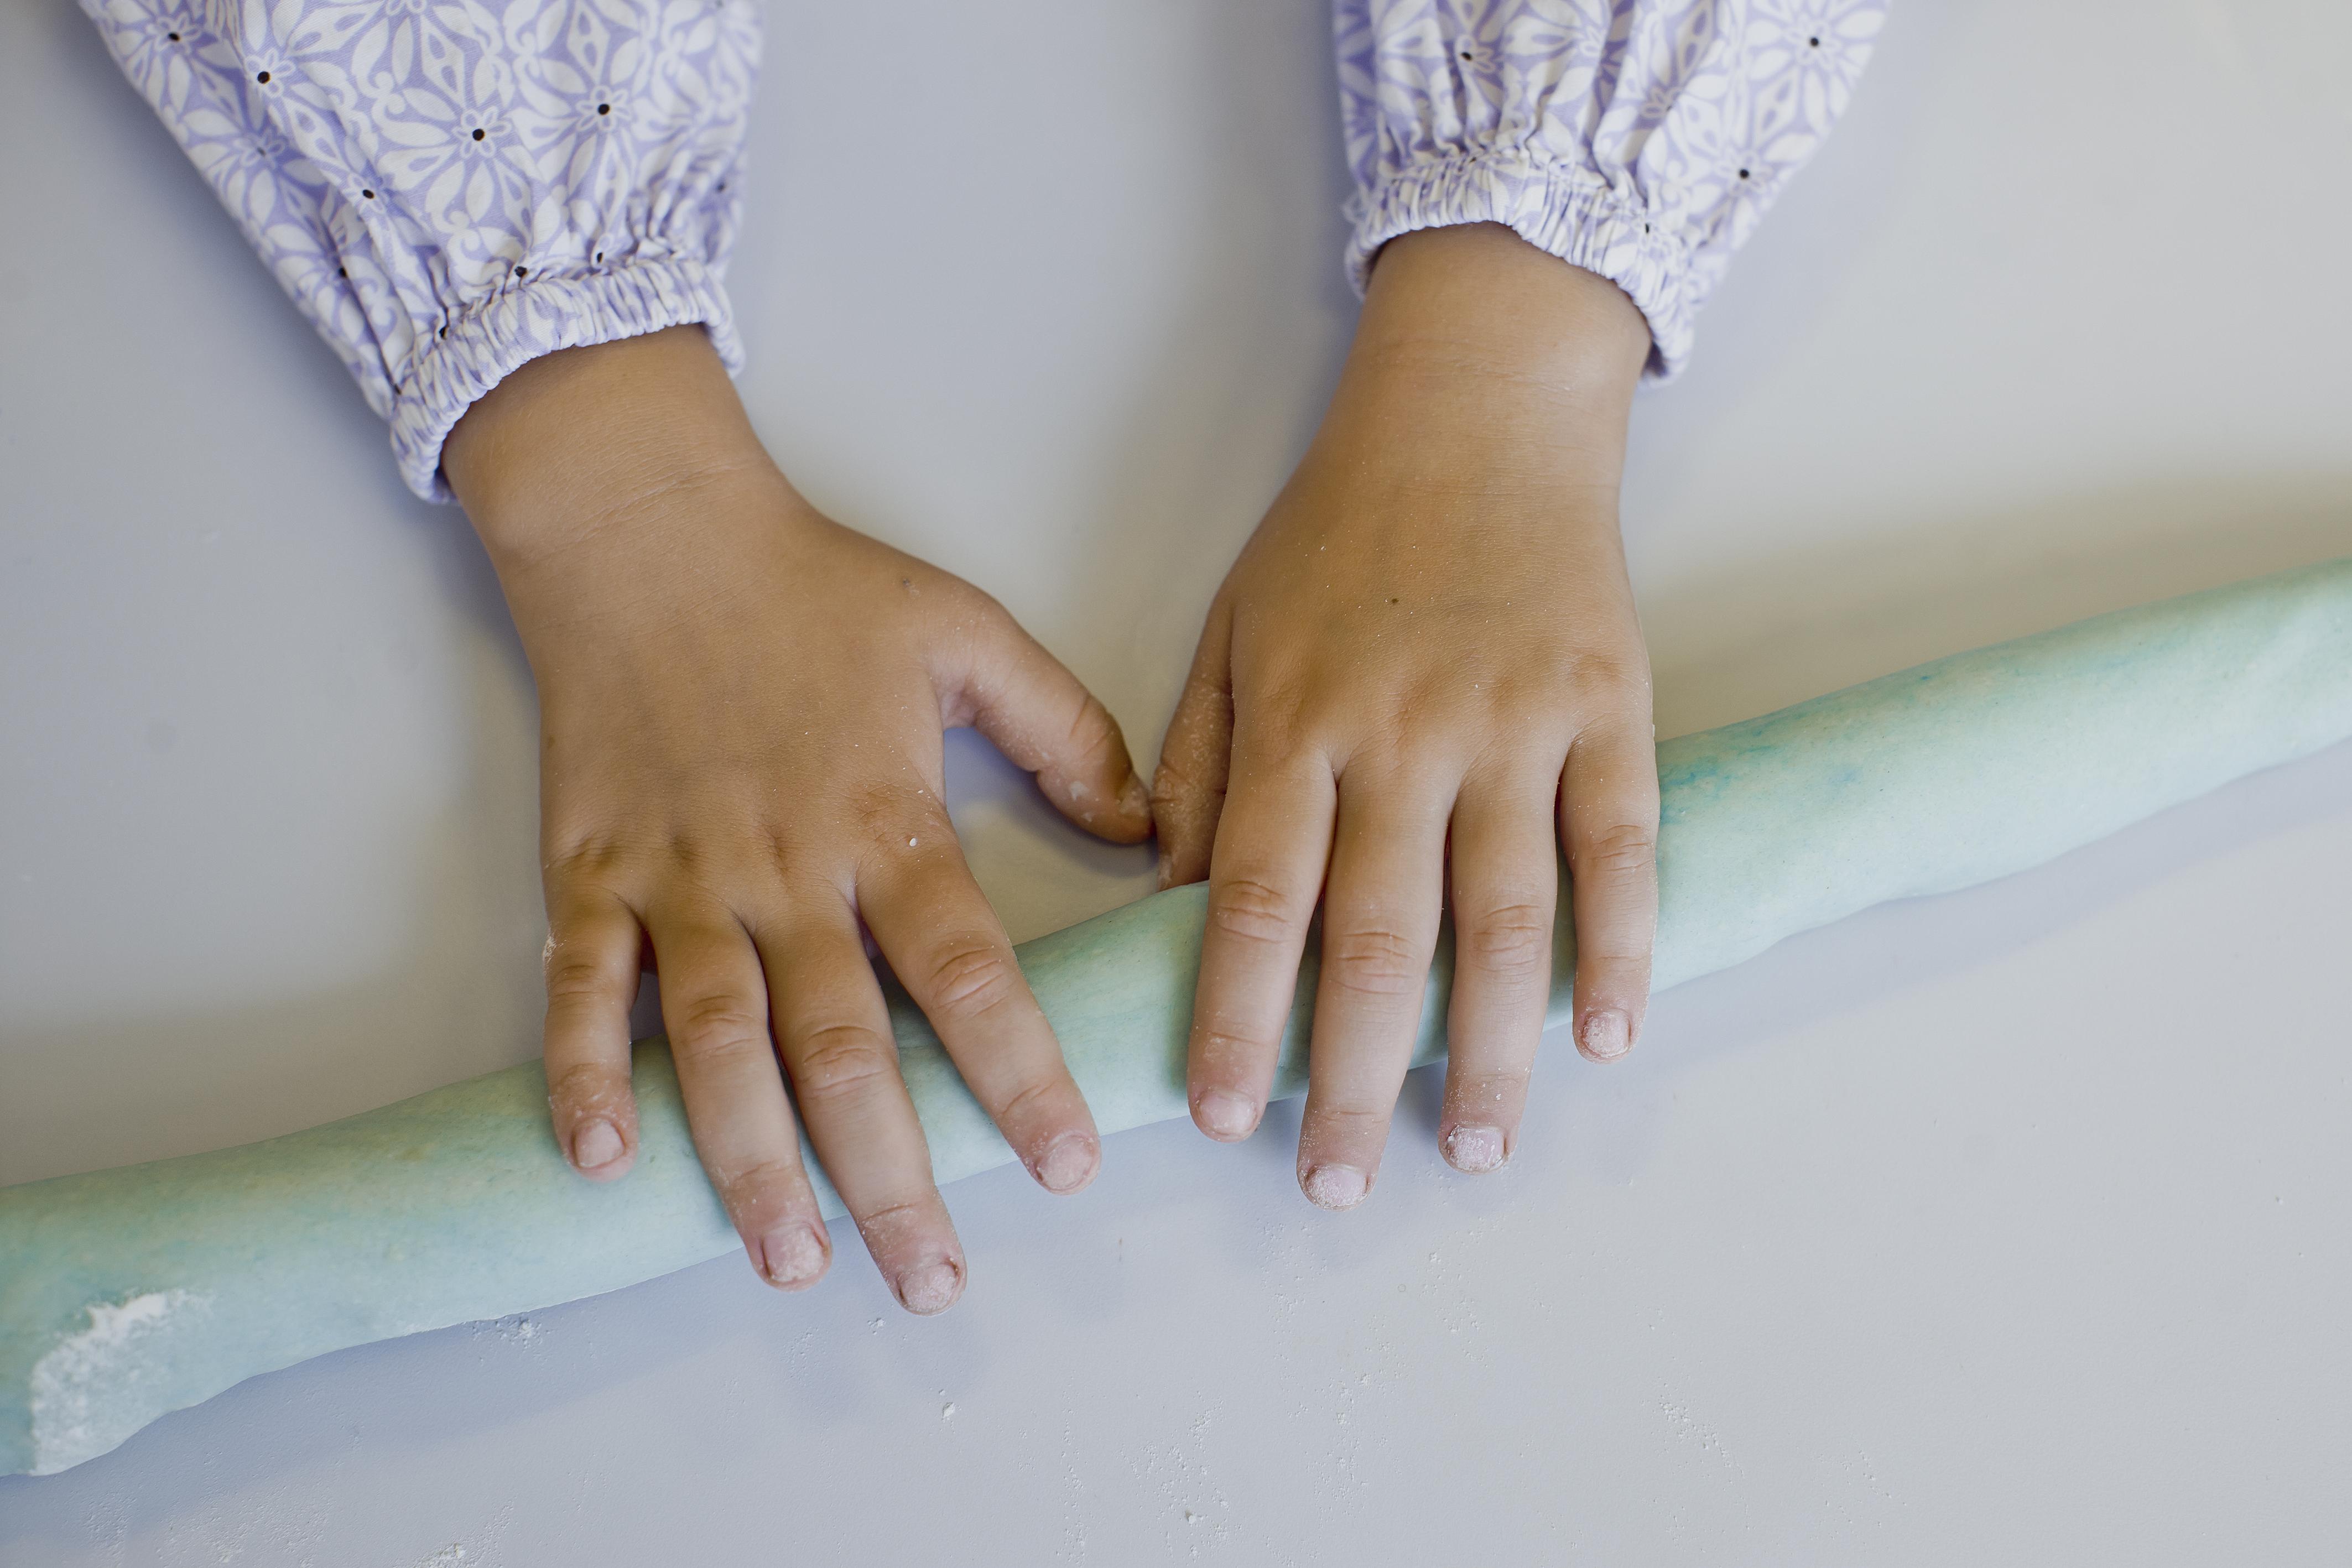 De aktiviteter, som ergoterapeuten laver med børnene, har til formål at gøre dem mere trygge ved deres egne sanser og lære at håndtere de mange indtryk i institutionen.